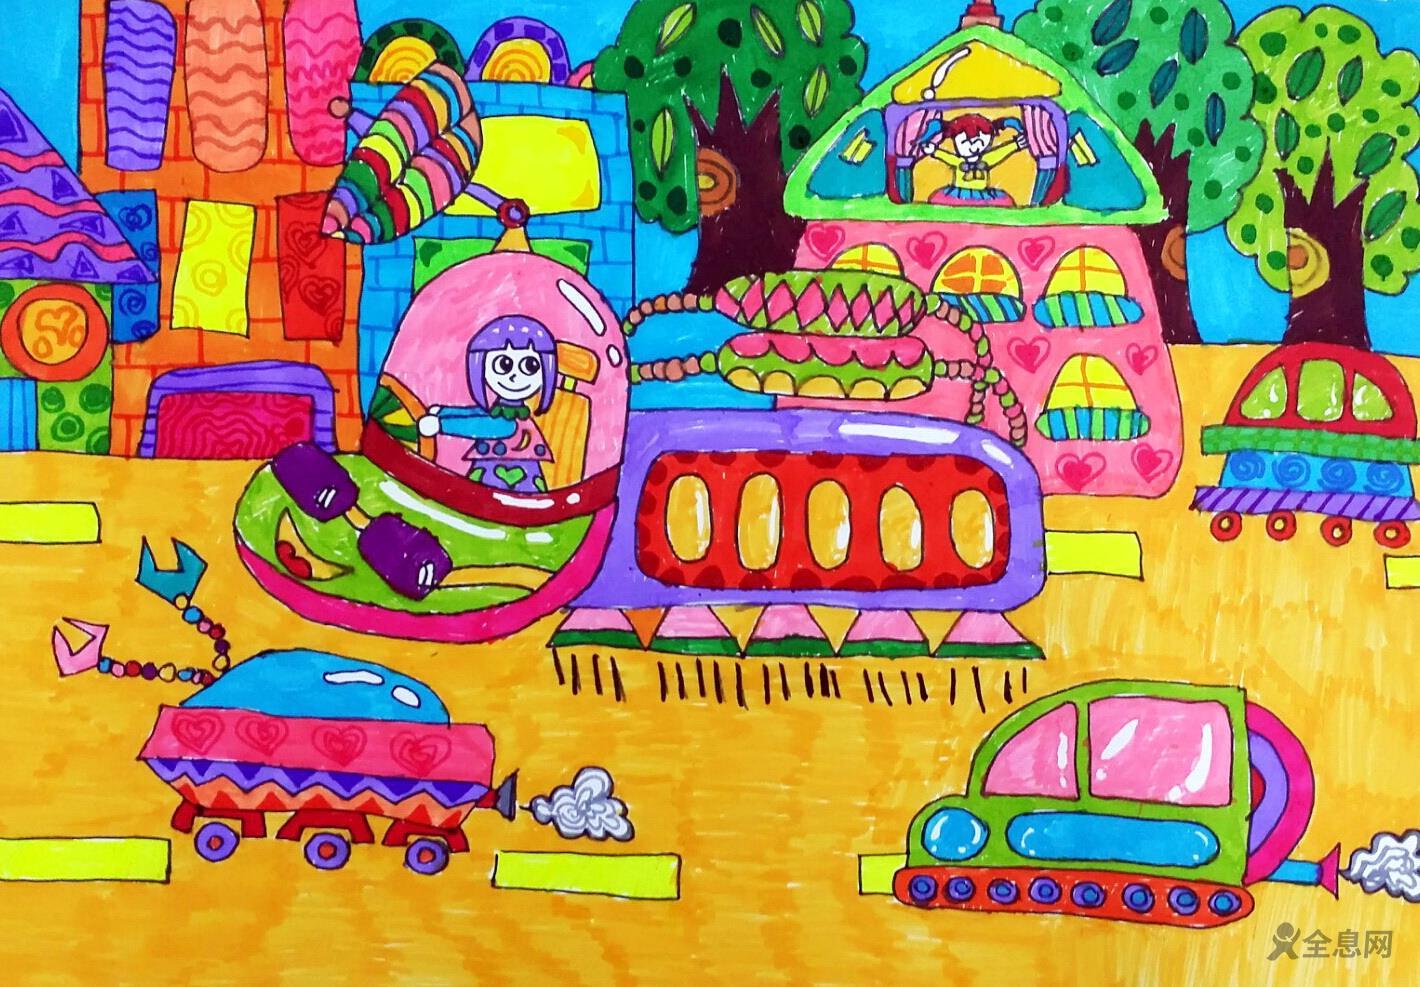 儿童画赏析:天马行空畅想未来城市创意儿童画